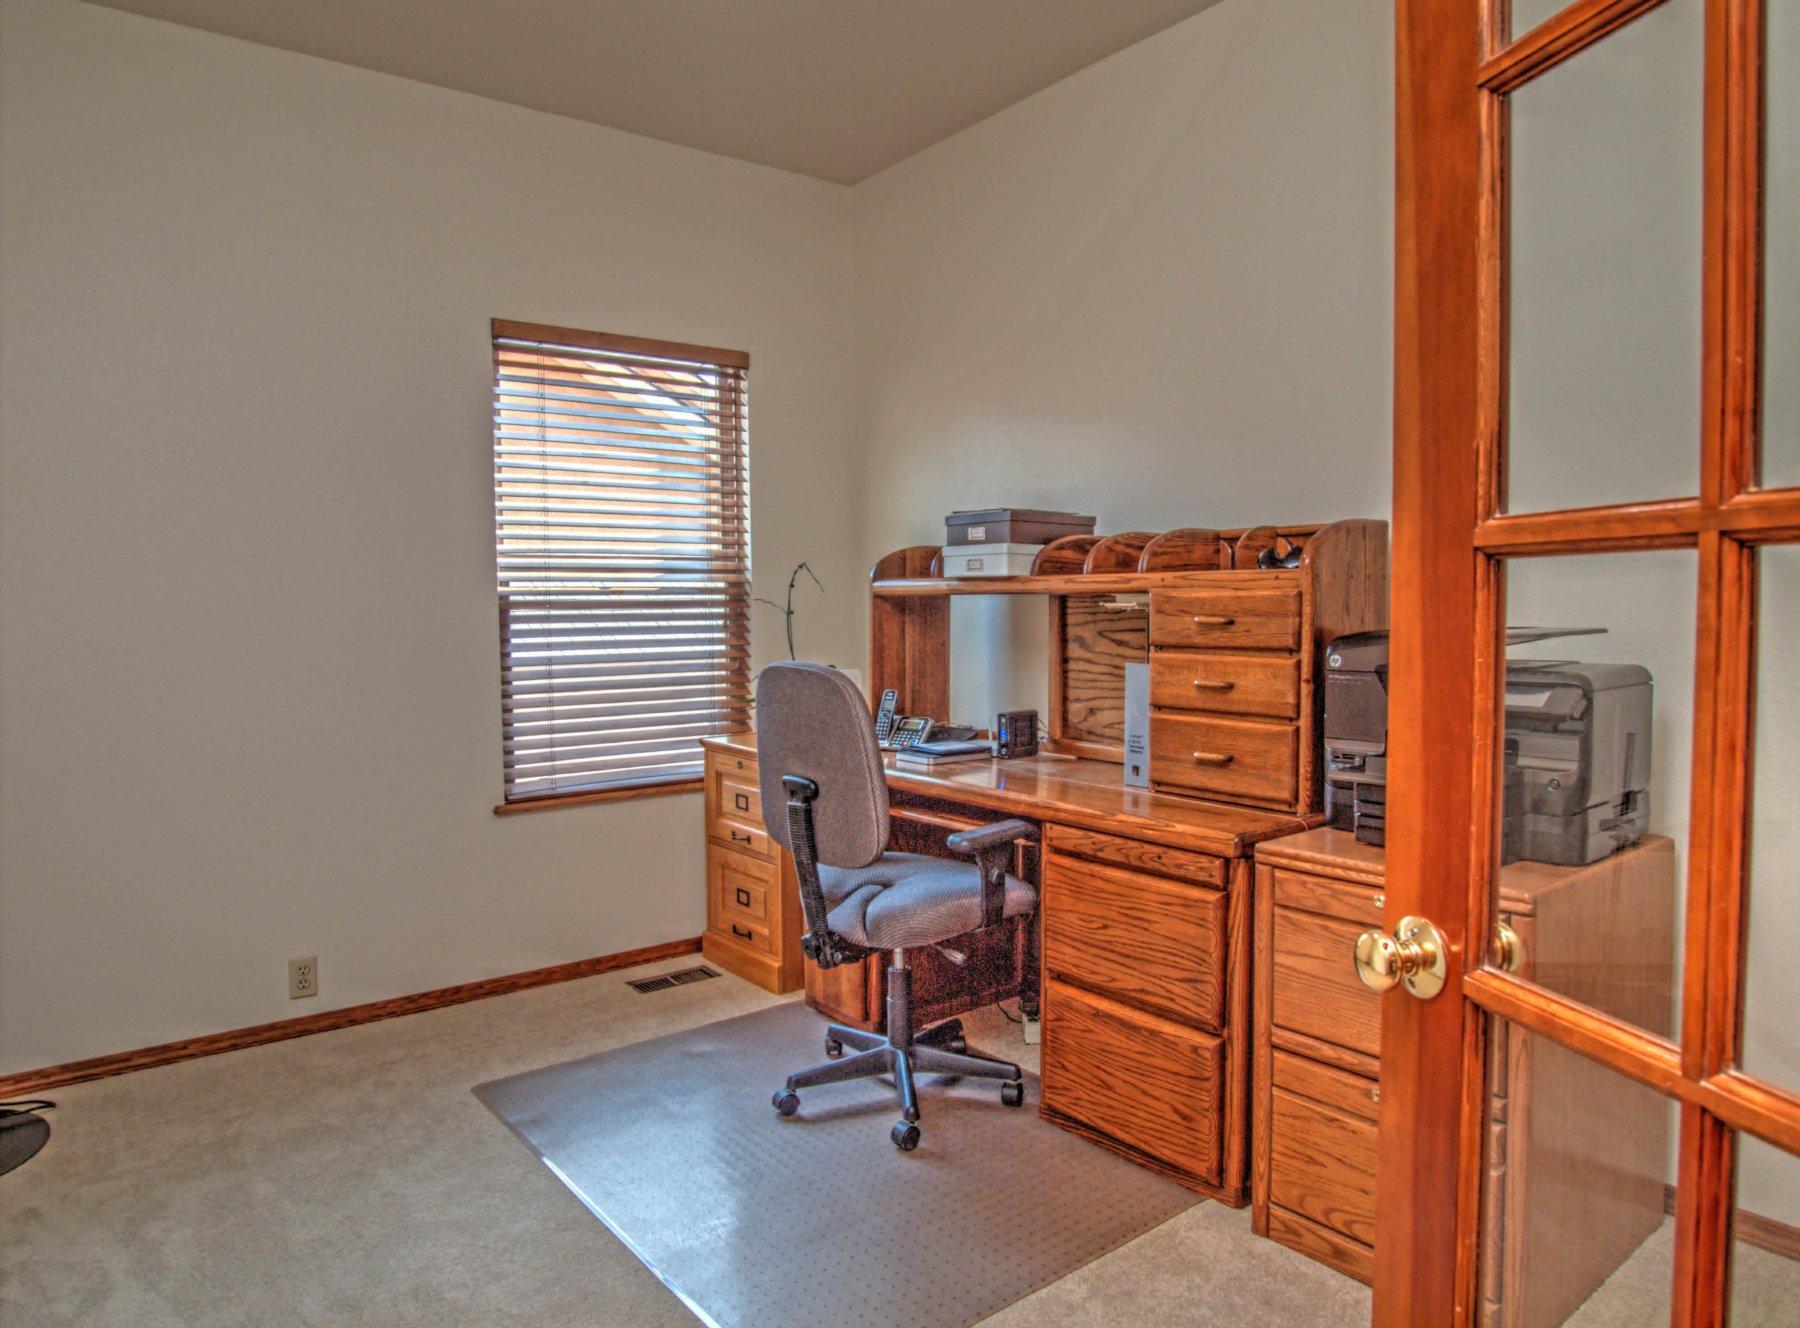 20-1581-Office.jpg